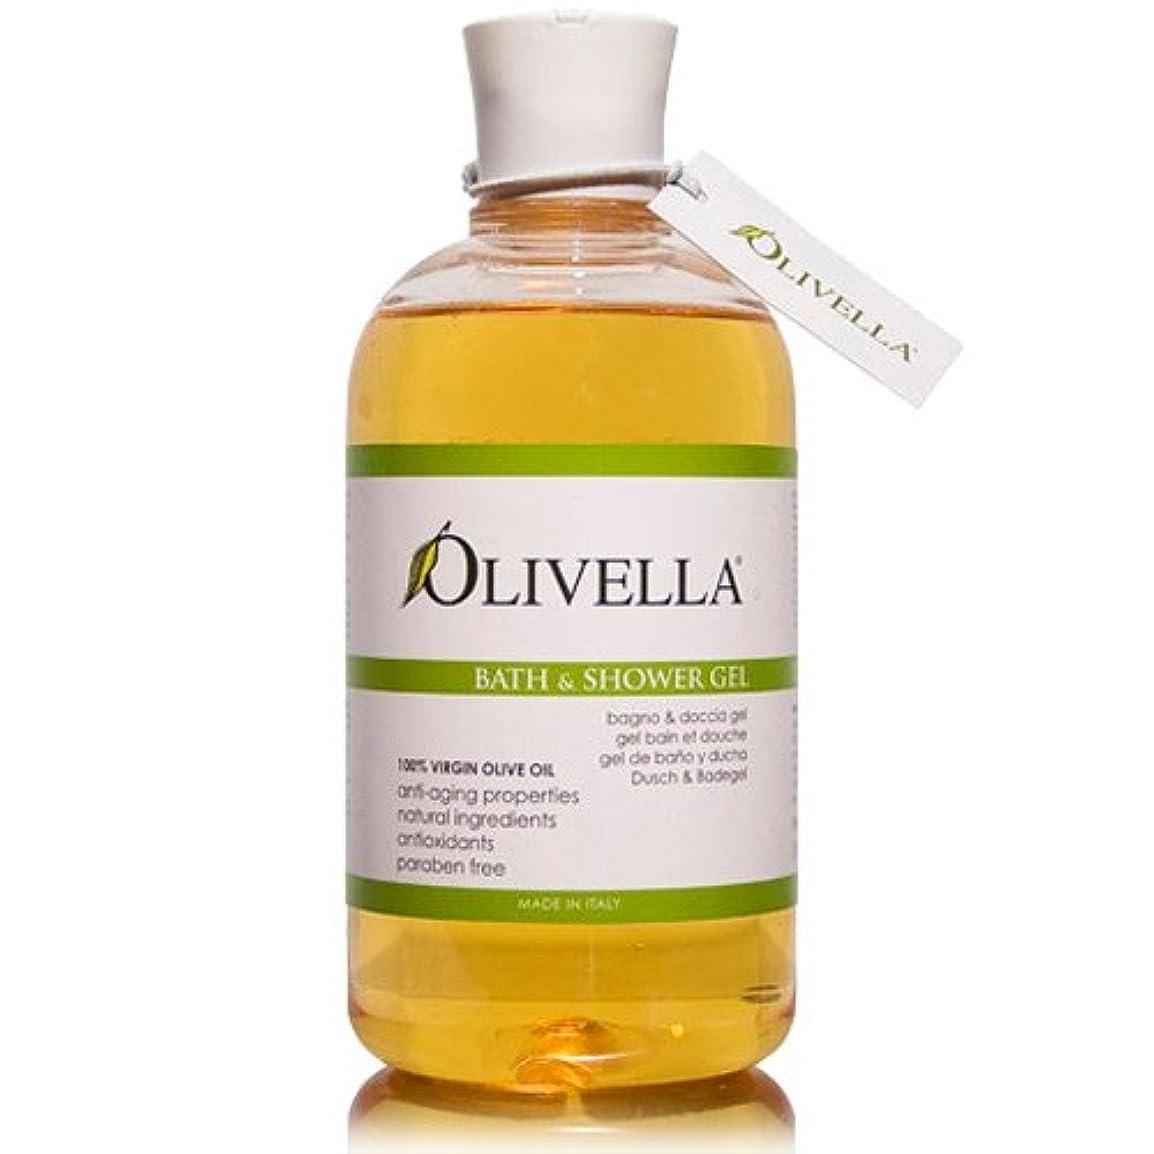 会議アリ刈るOlivella Olive Oil Bath & Shower Gel Original/Classic 16.9 oz. / 500 ml (並行輸入品)